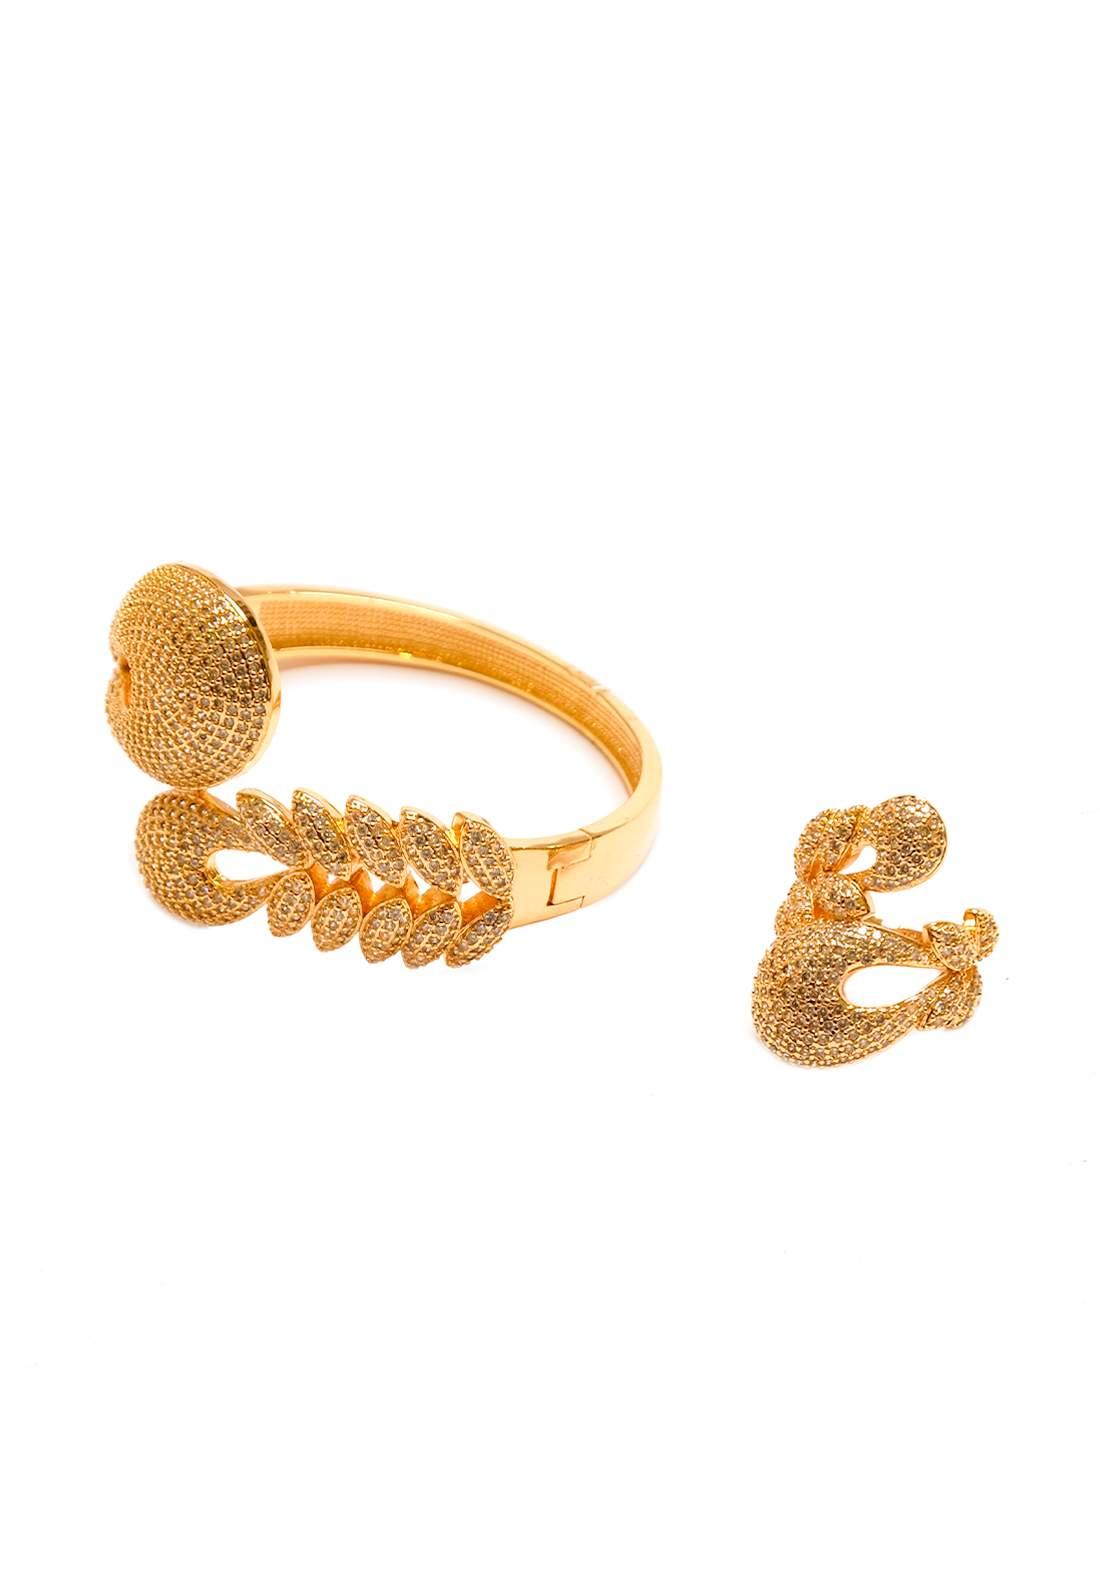 سيت سوار مع خاتم نسائي  ذهبي اللون